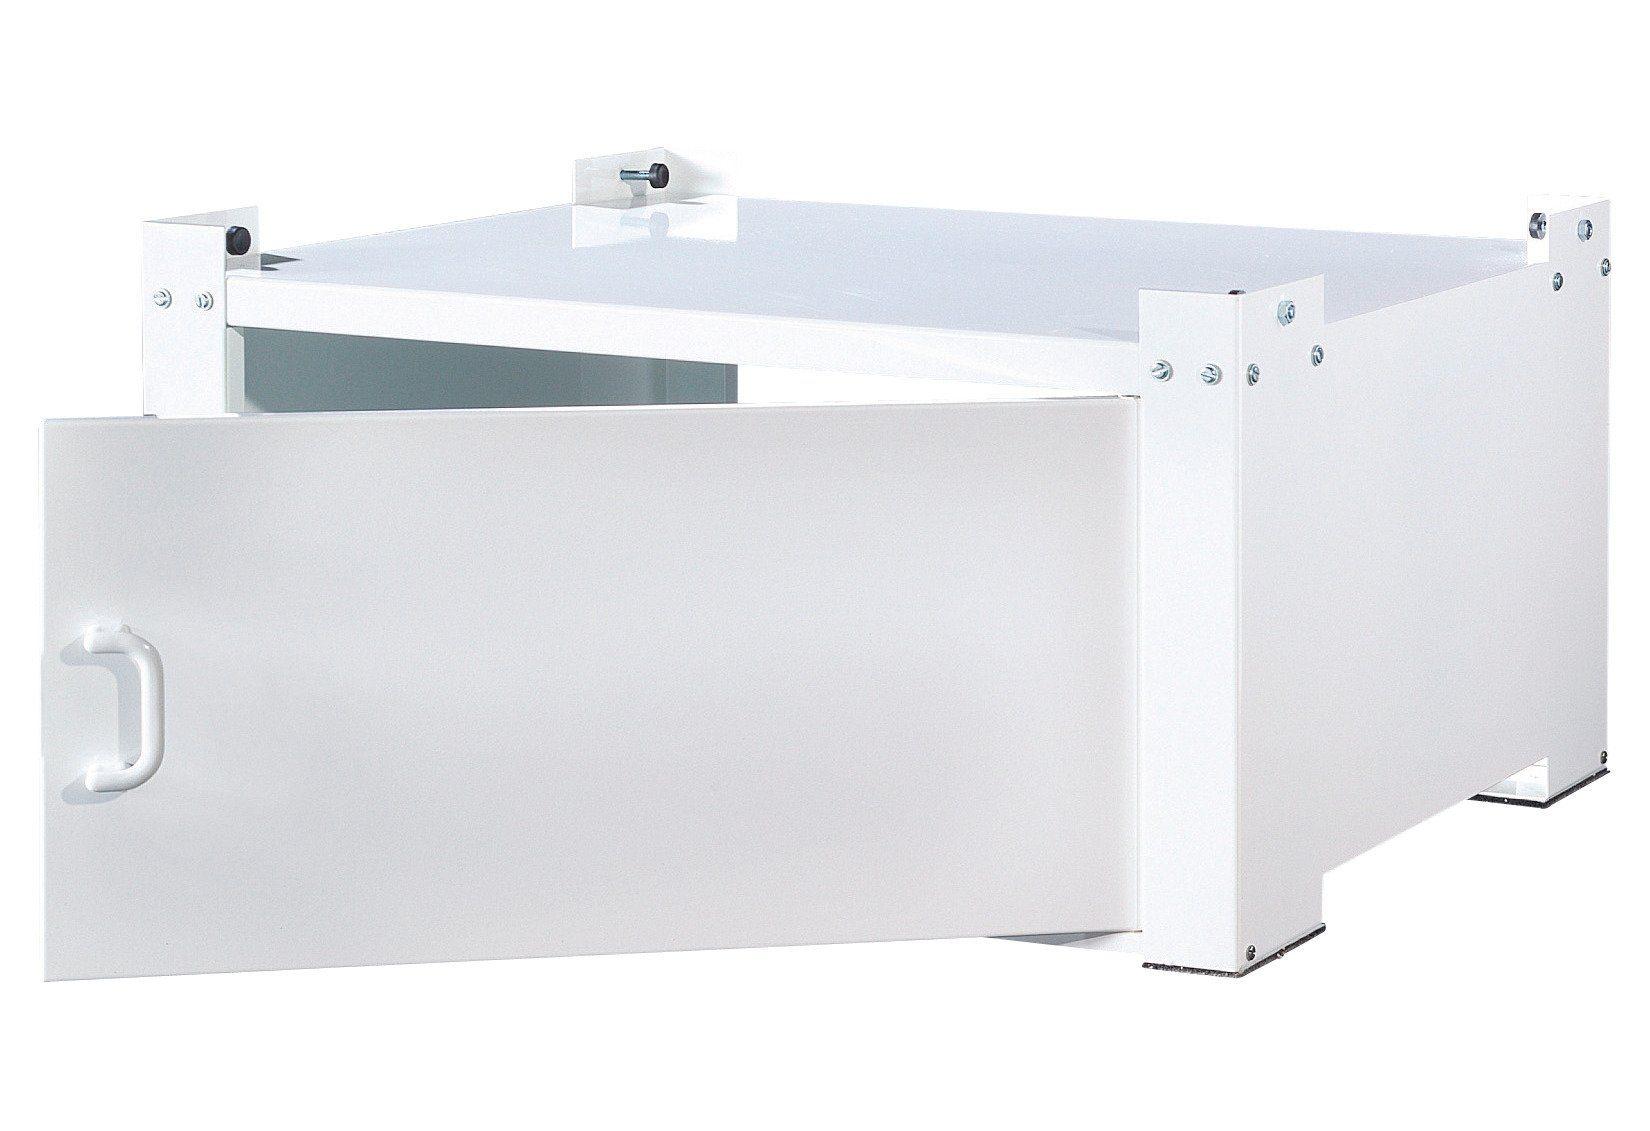 Sz metall waschmaschinen untergestell mit tür otto